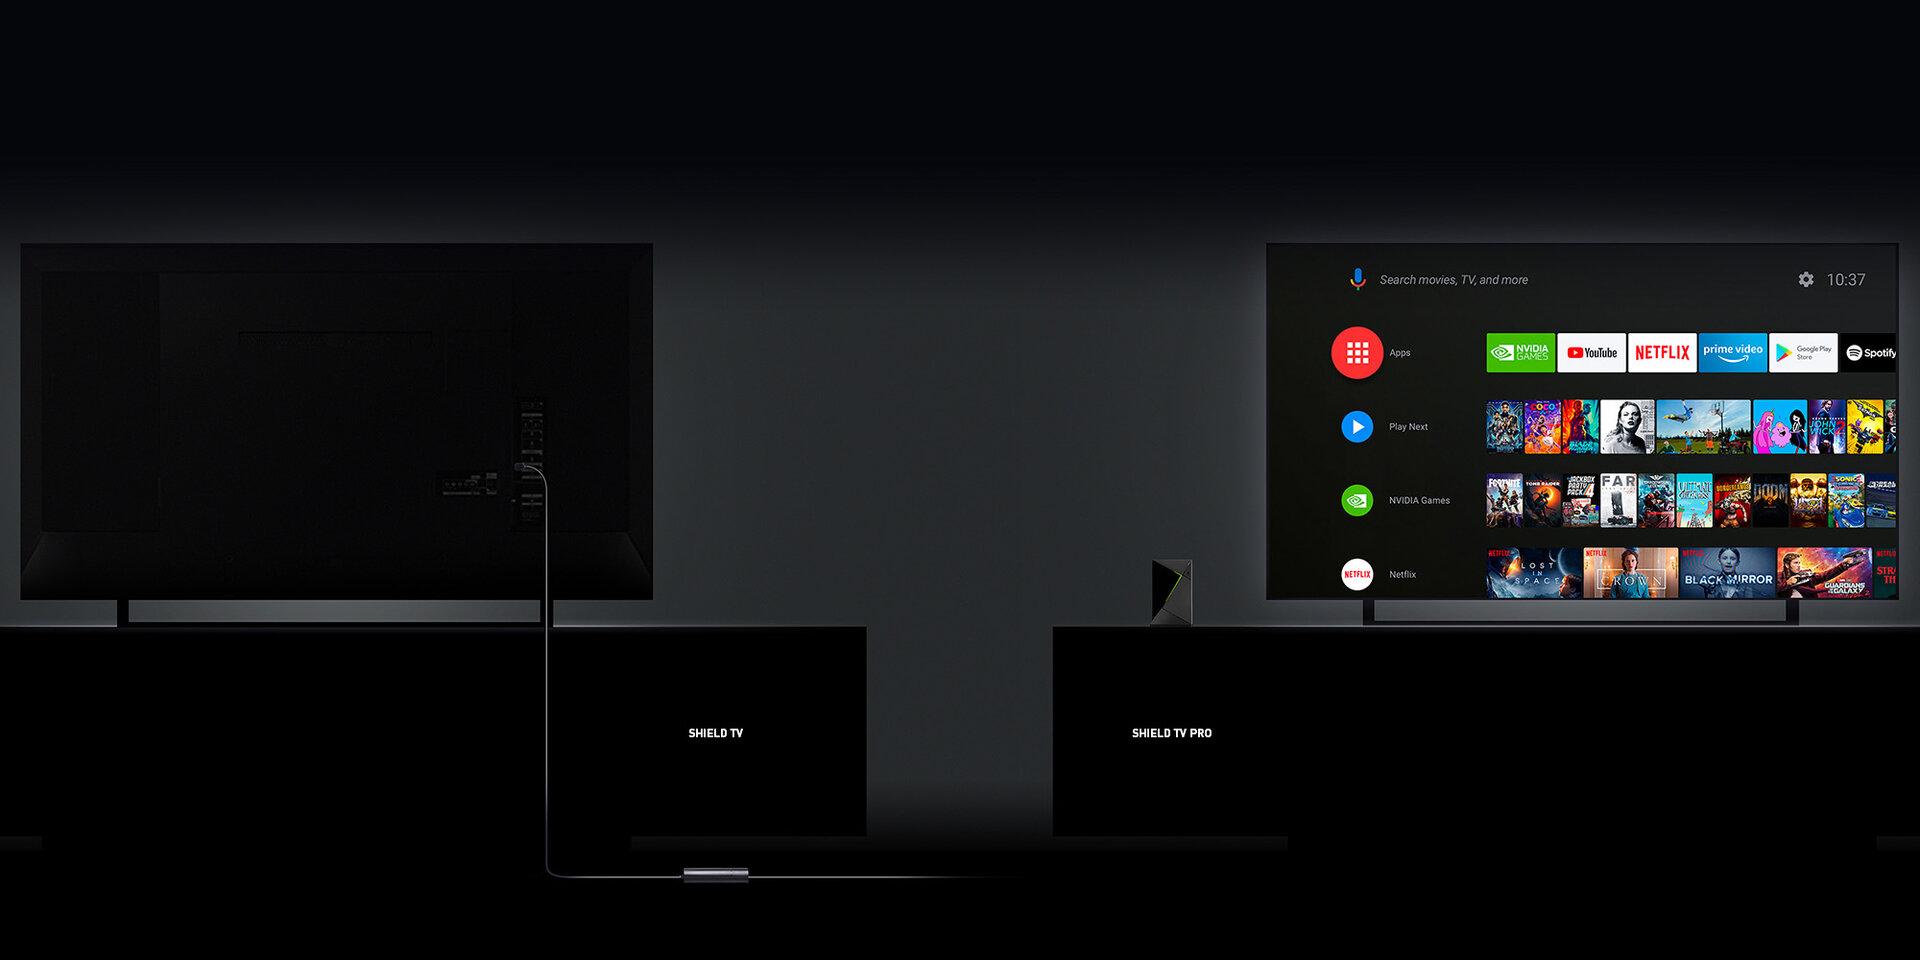 Shield TV und Shield TV Pro im Vergleich